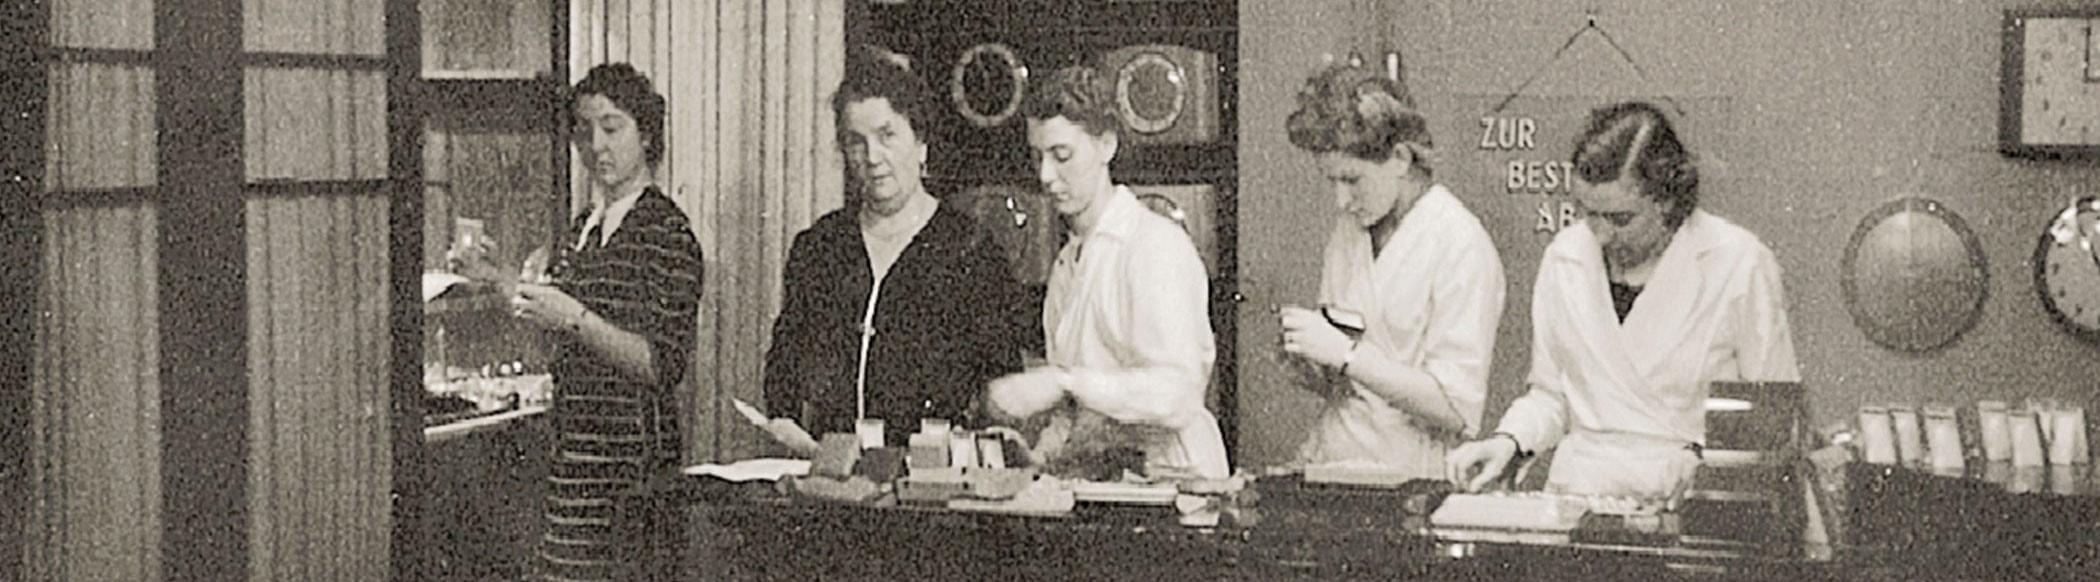 Historie des Juweliers Rüschenbeck - Ein Geschäft um 1920